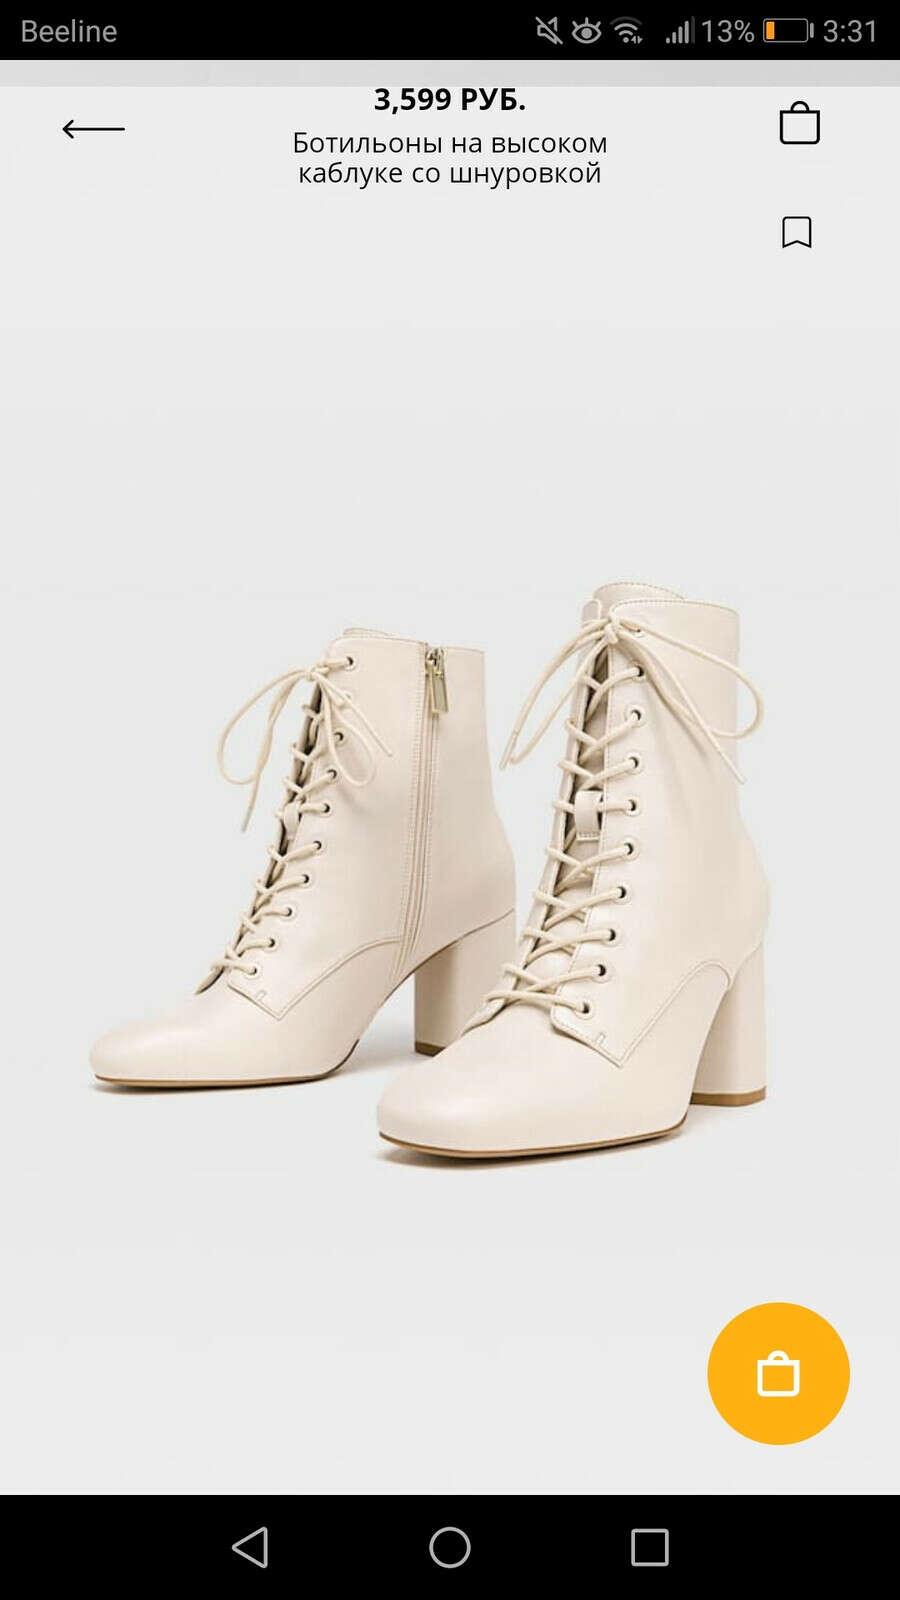 Светлые ботинки